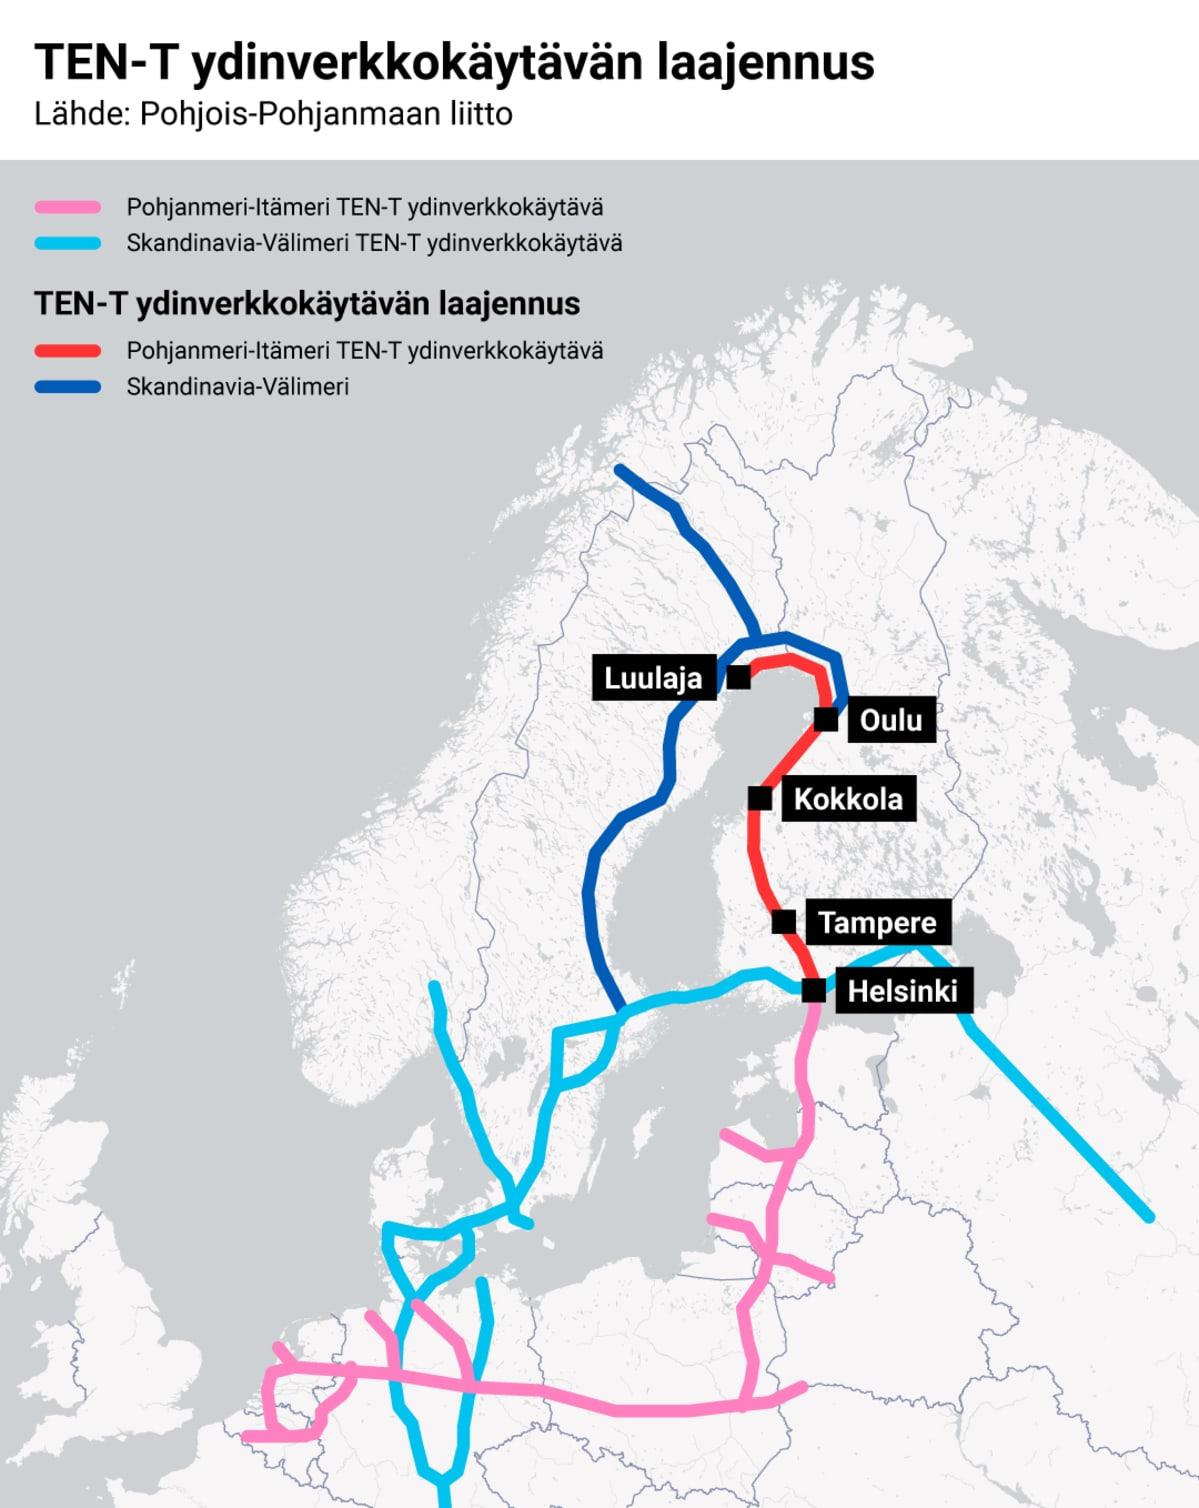 TEN-T ydinverkkokäytävän laajennus